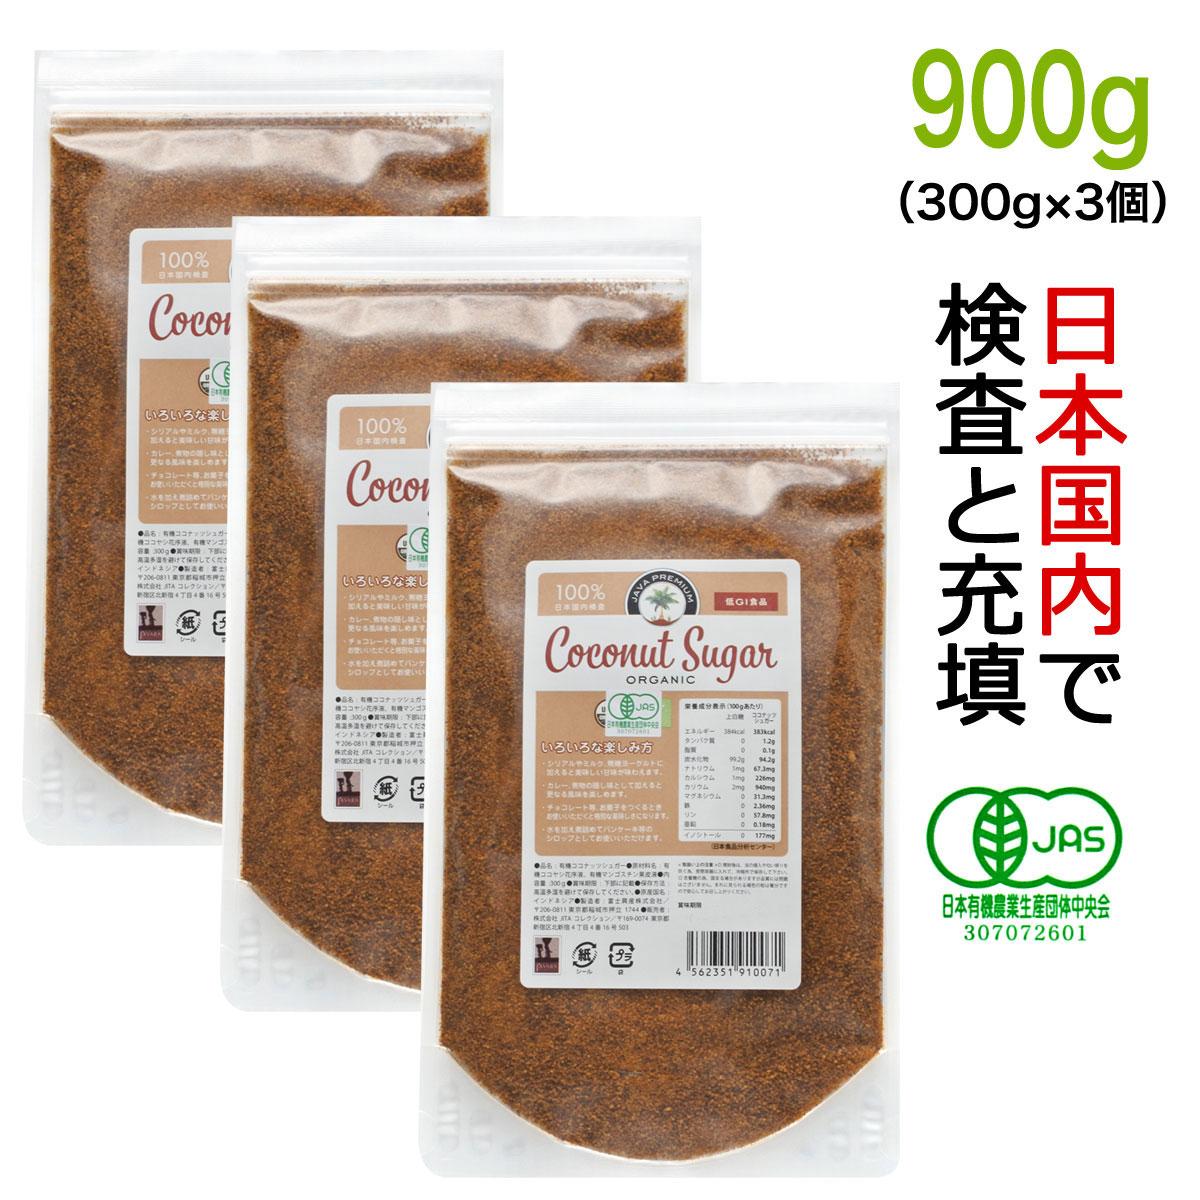 JITA 有機 ココナッツシュガー 低GI食品 300g×3(900g)